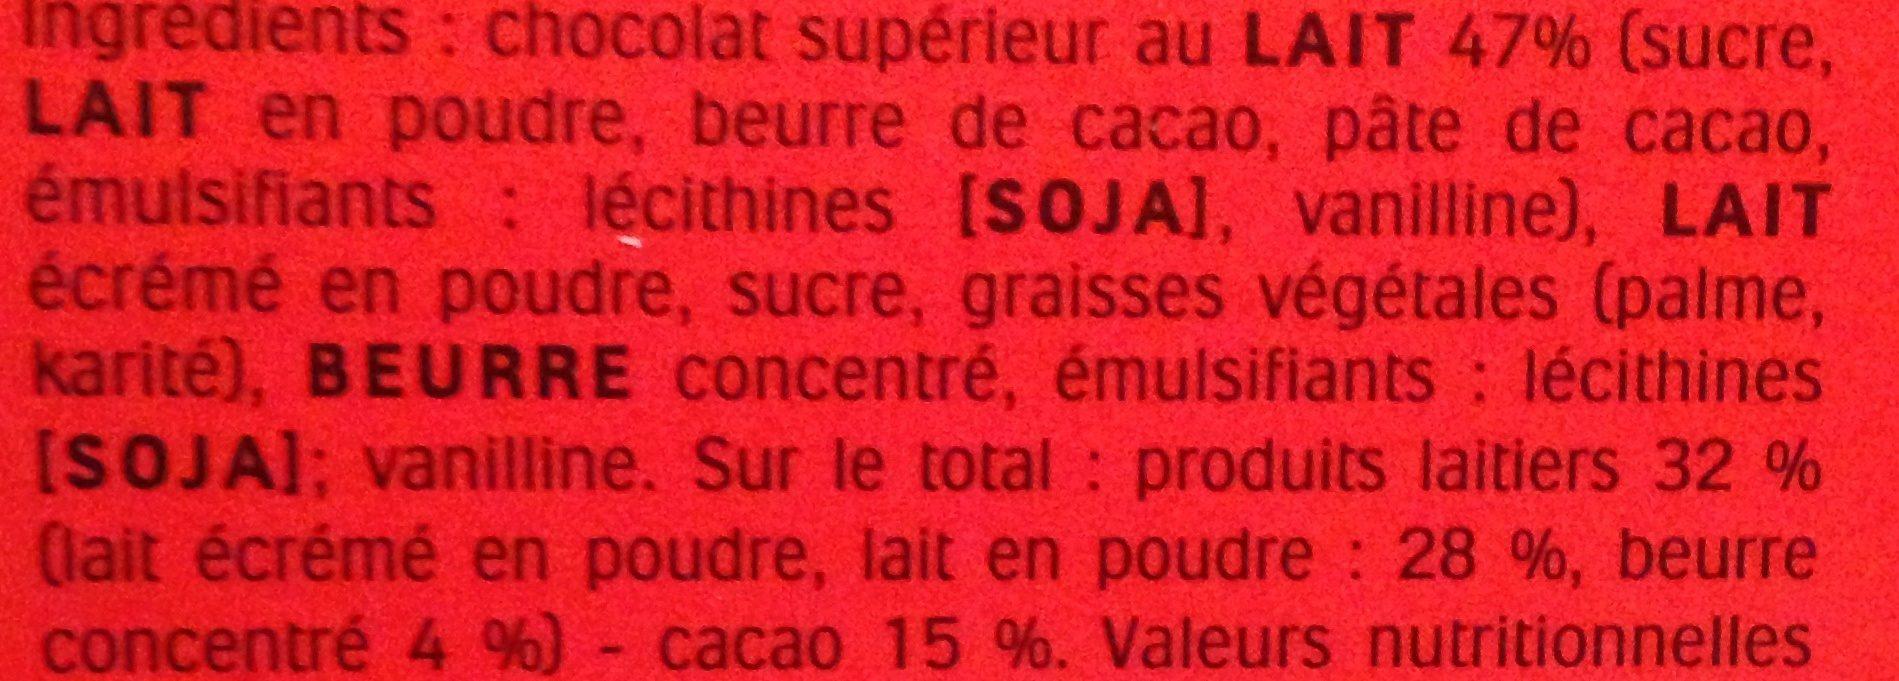 Calendrier de l'Avent Kinder - Ingredients - fr